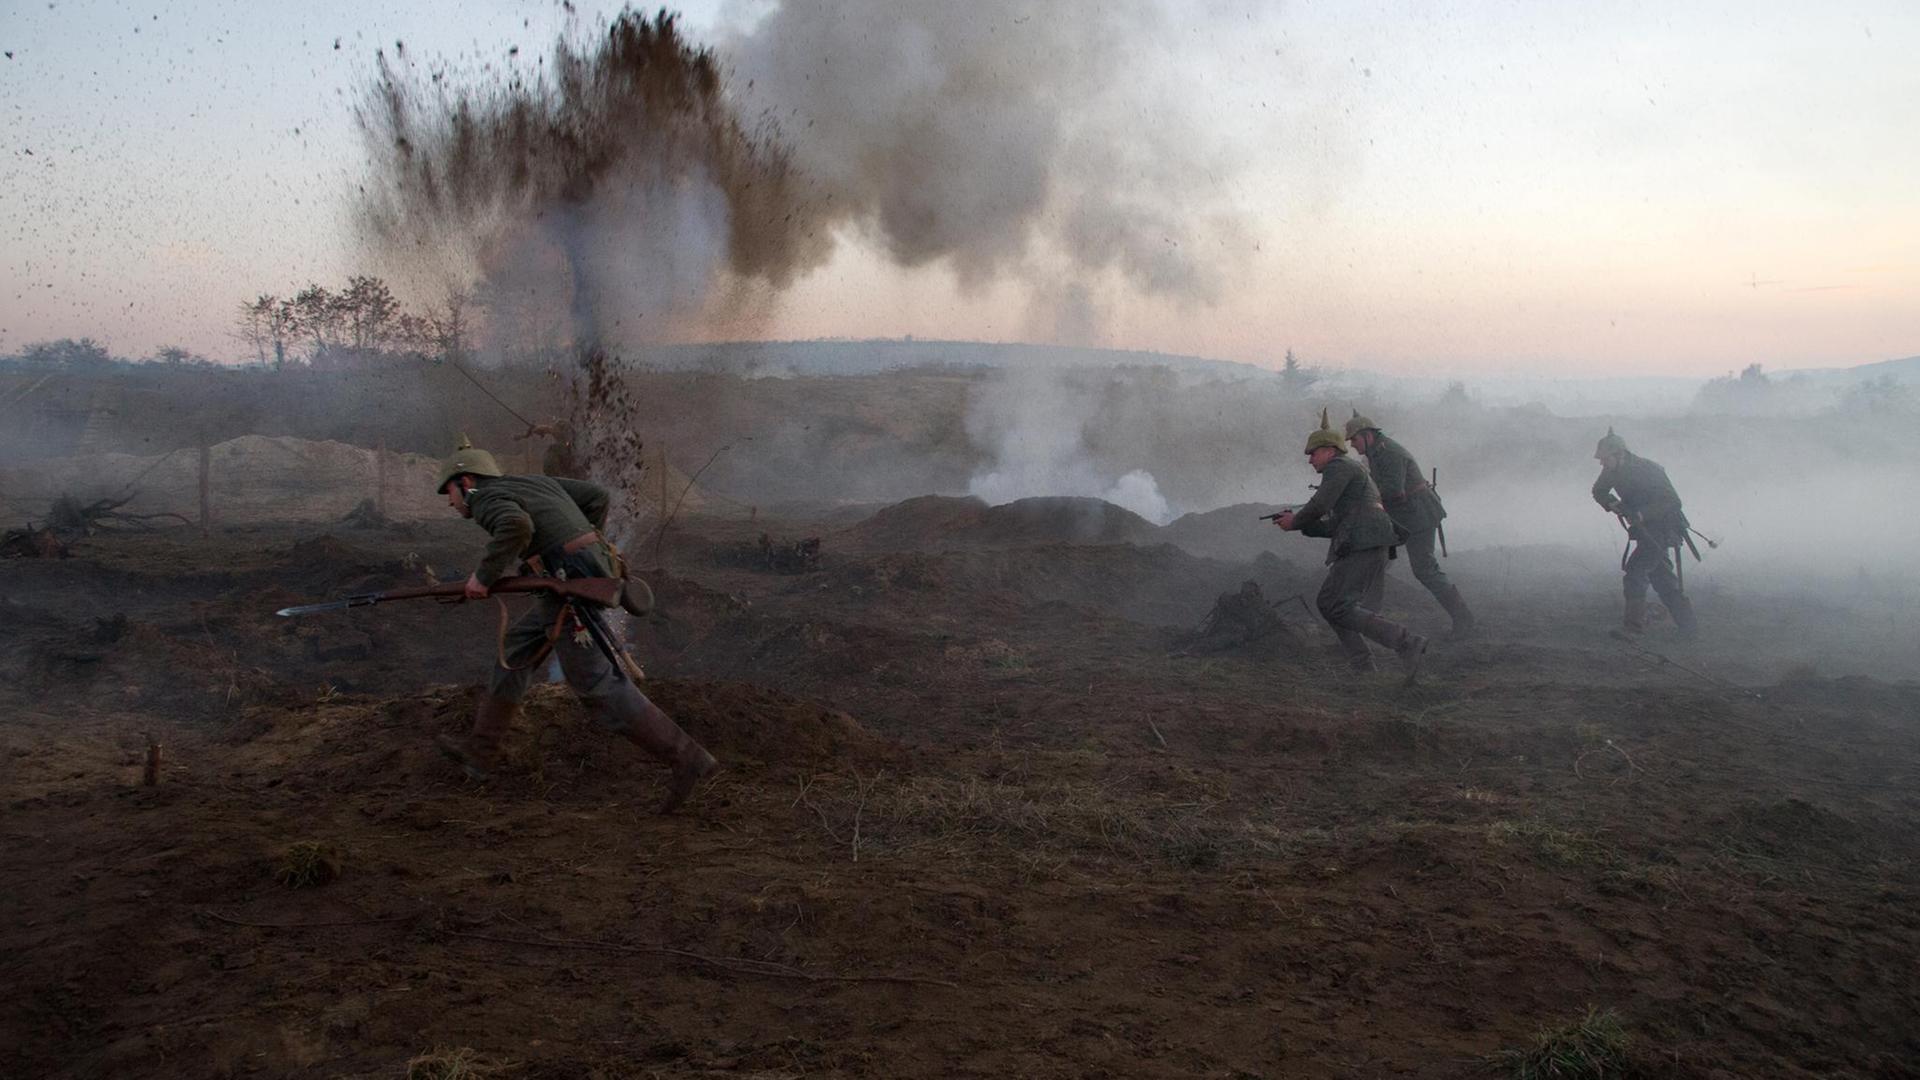 100 Jahre Weltkriegs Ende Ein Milderer Friede Ware Sinnvoller